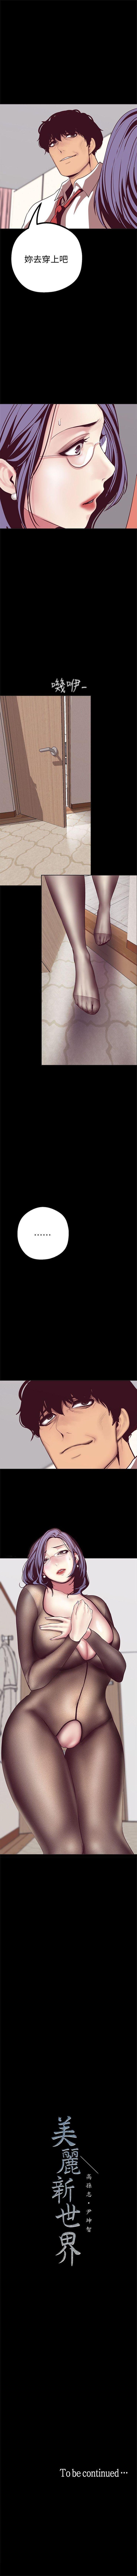 (週1)美麗新世界 1-76 中文翻譯 (更新中) 129